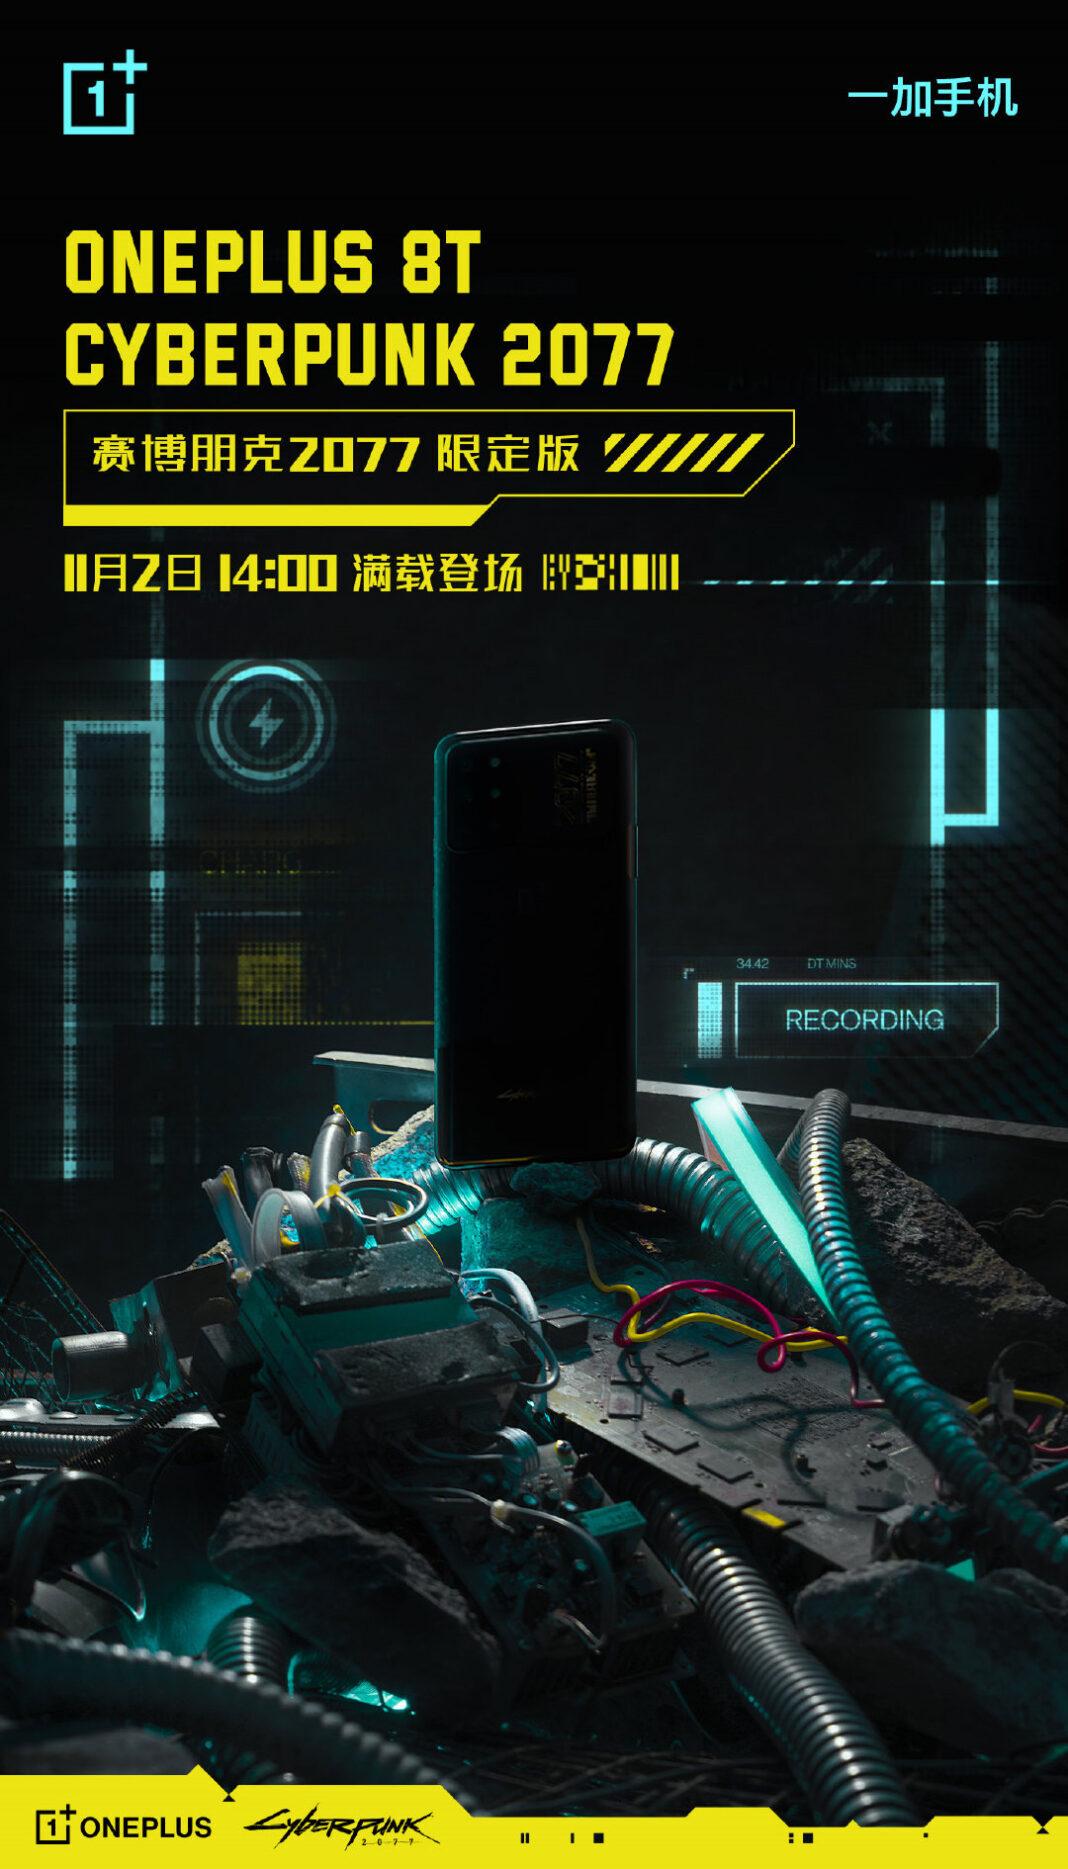 OnePlus выпустит смартфон в стиле долгожданной игры Cyberpunk 2077